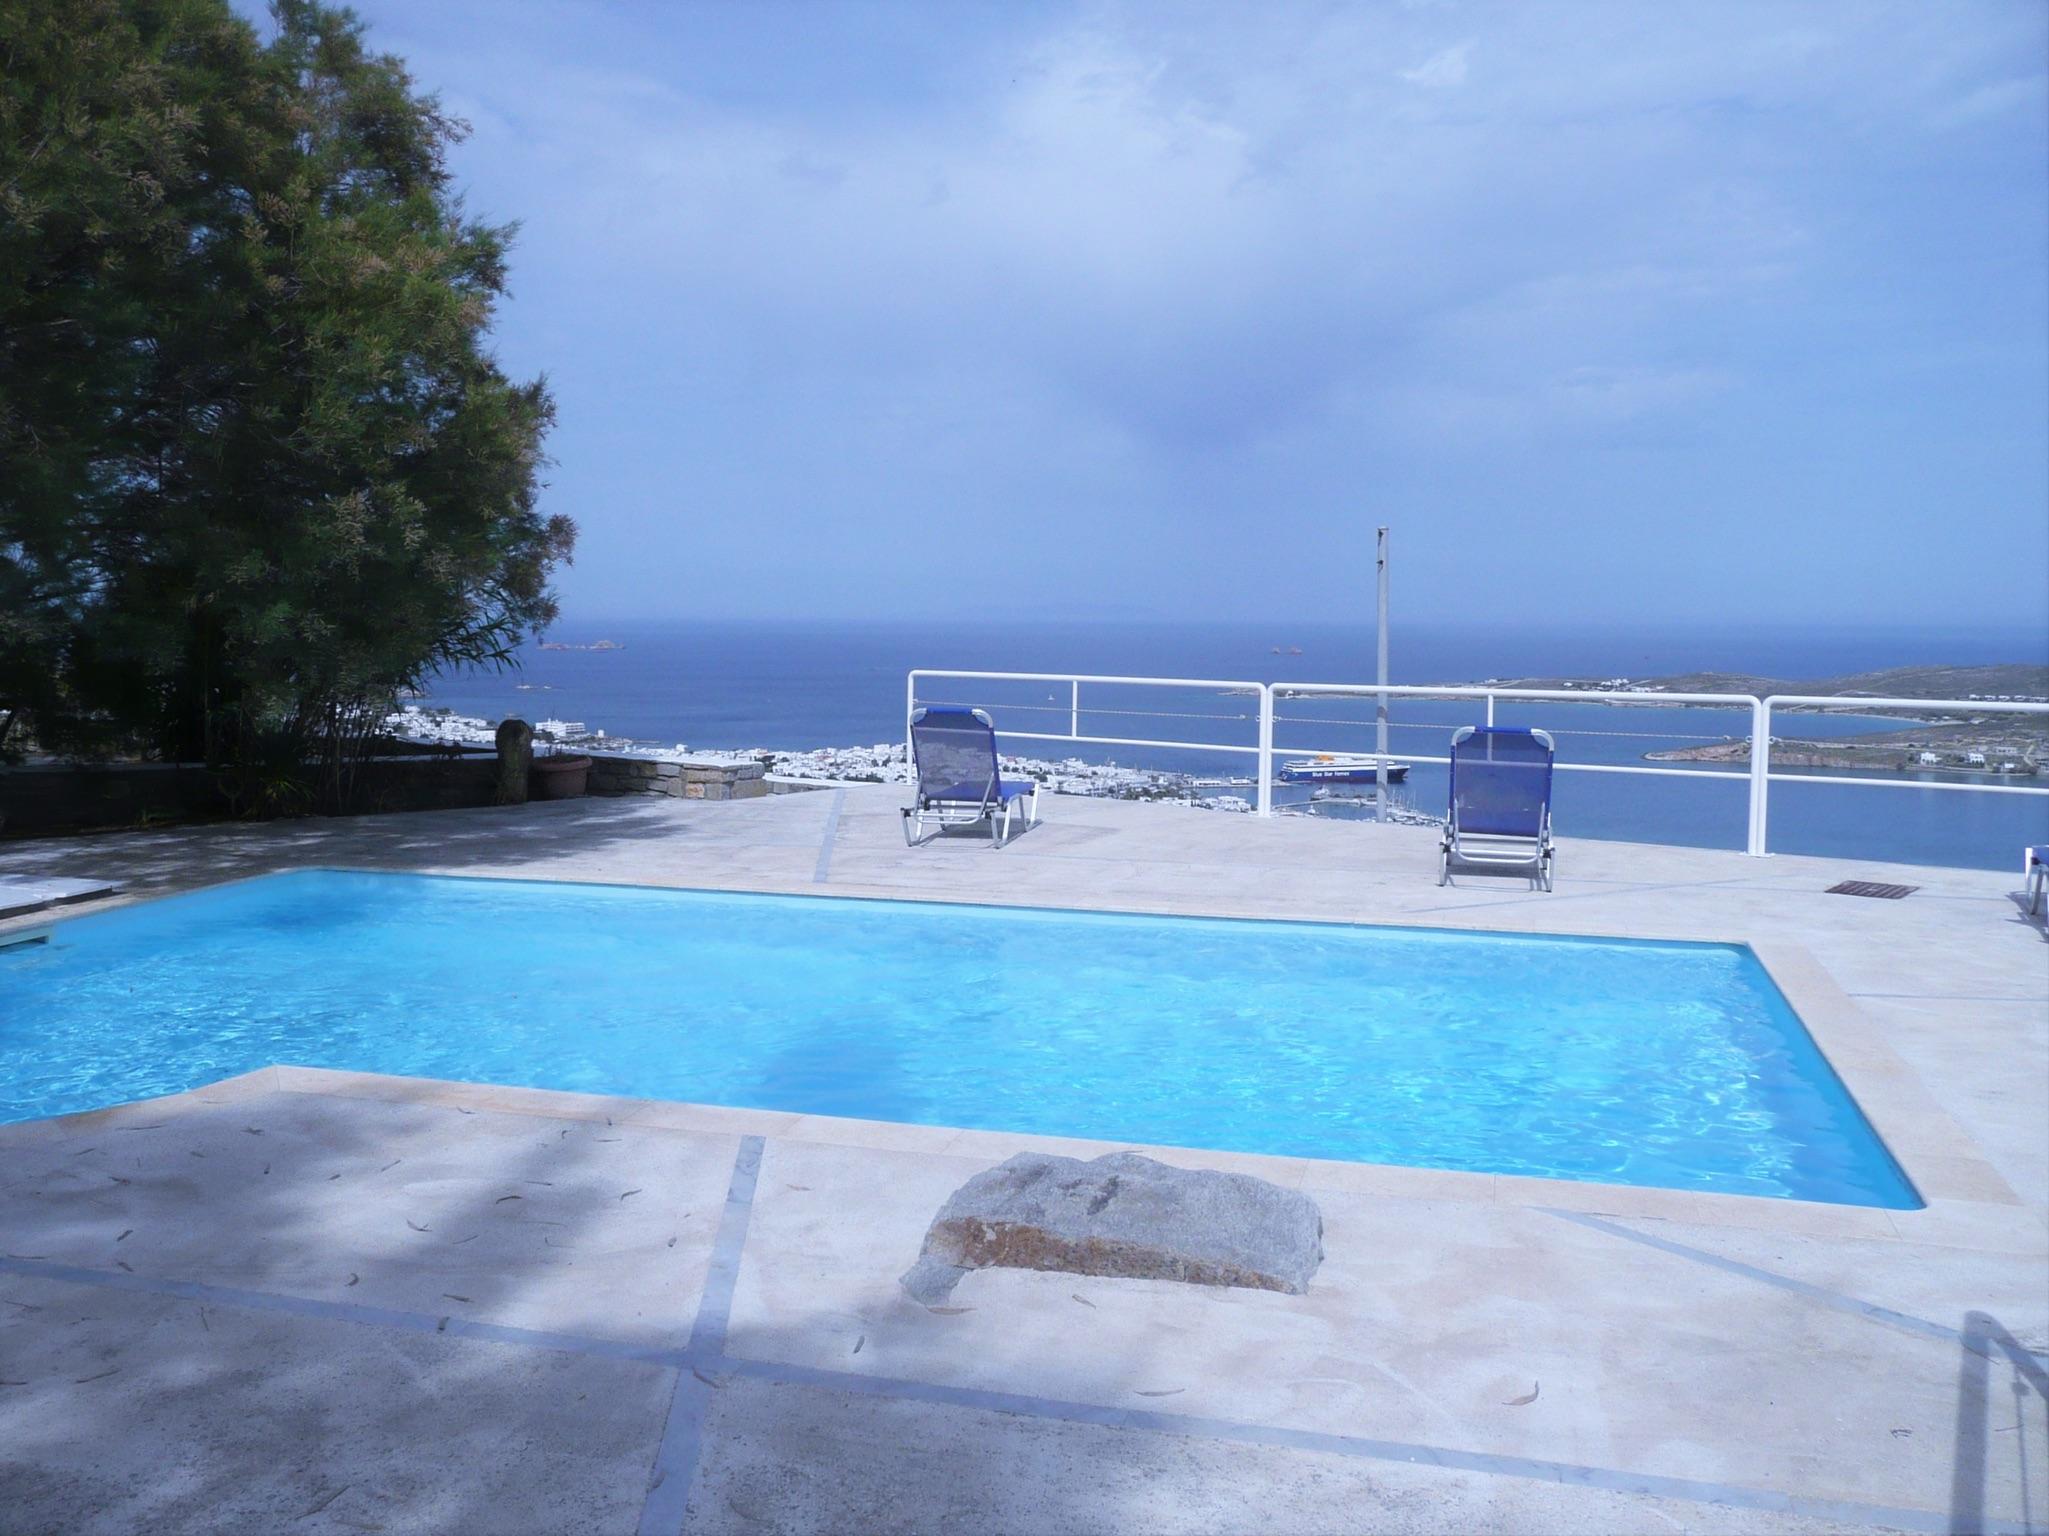 Ferienhaus Villa im Kykladen-Stil auf Paros (Griechenland), mit 2 Schlafzimmern, Gemeinschaftspool &  (2201782), Paros, Paros, Kykladen, Griechenland, Bild 1